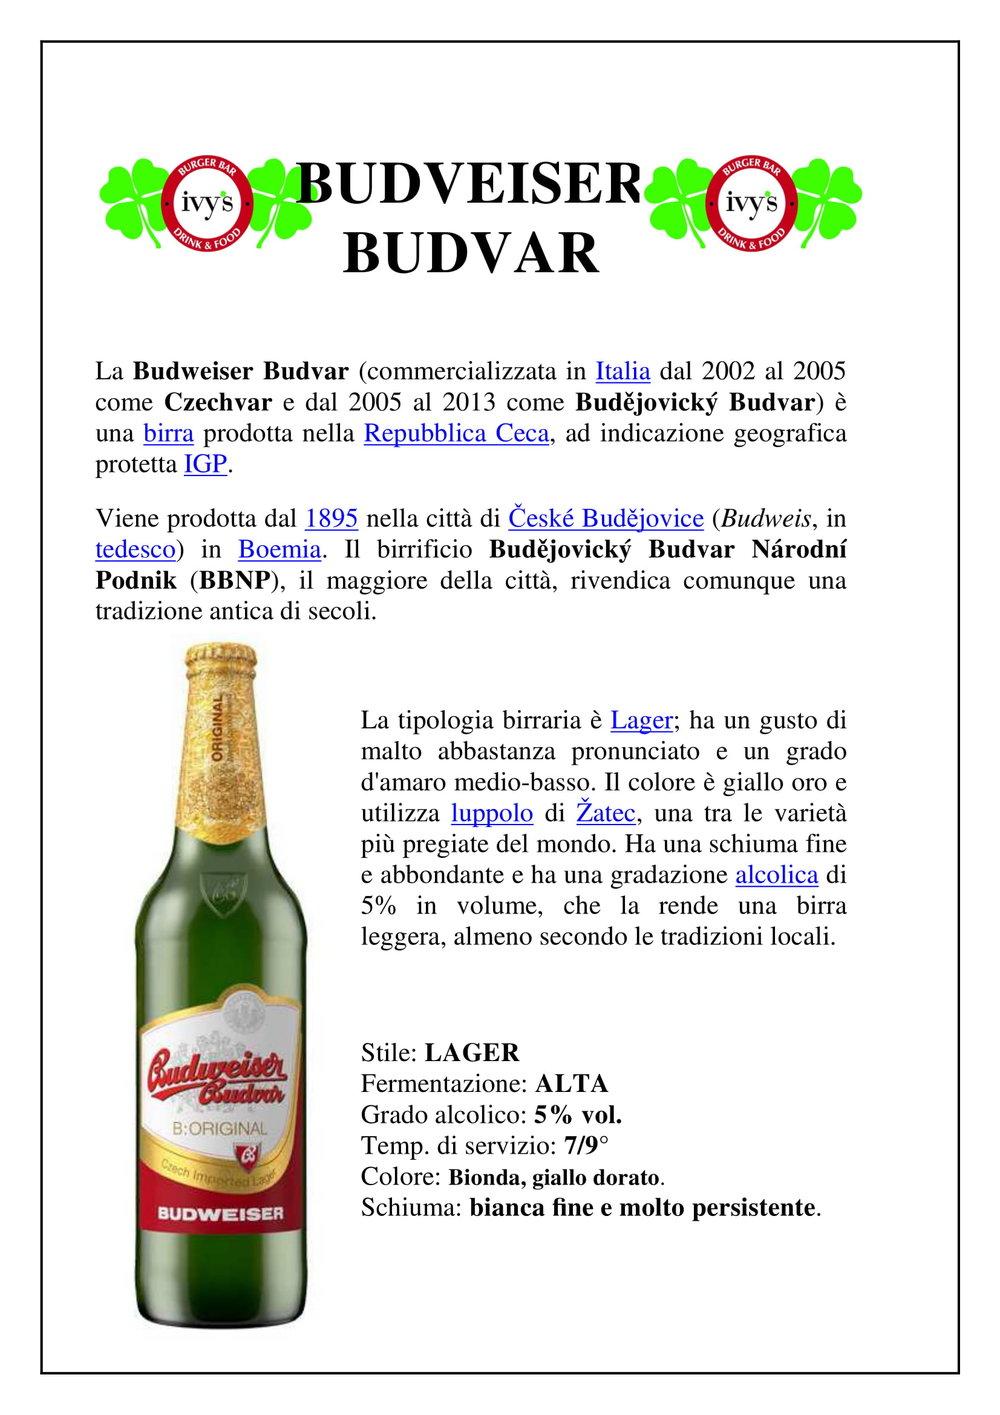 10 Budweiser Budvar-1.jpg